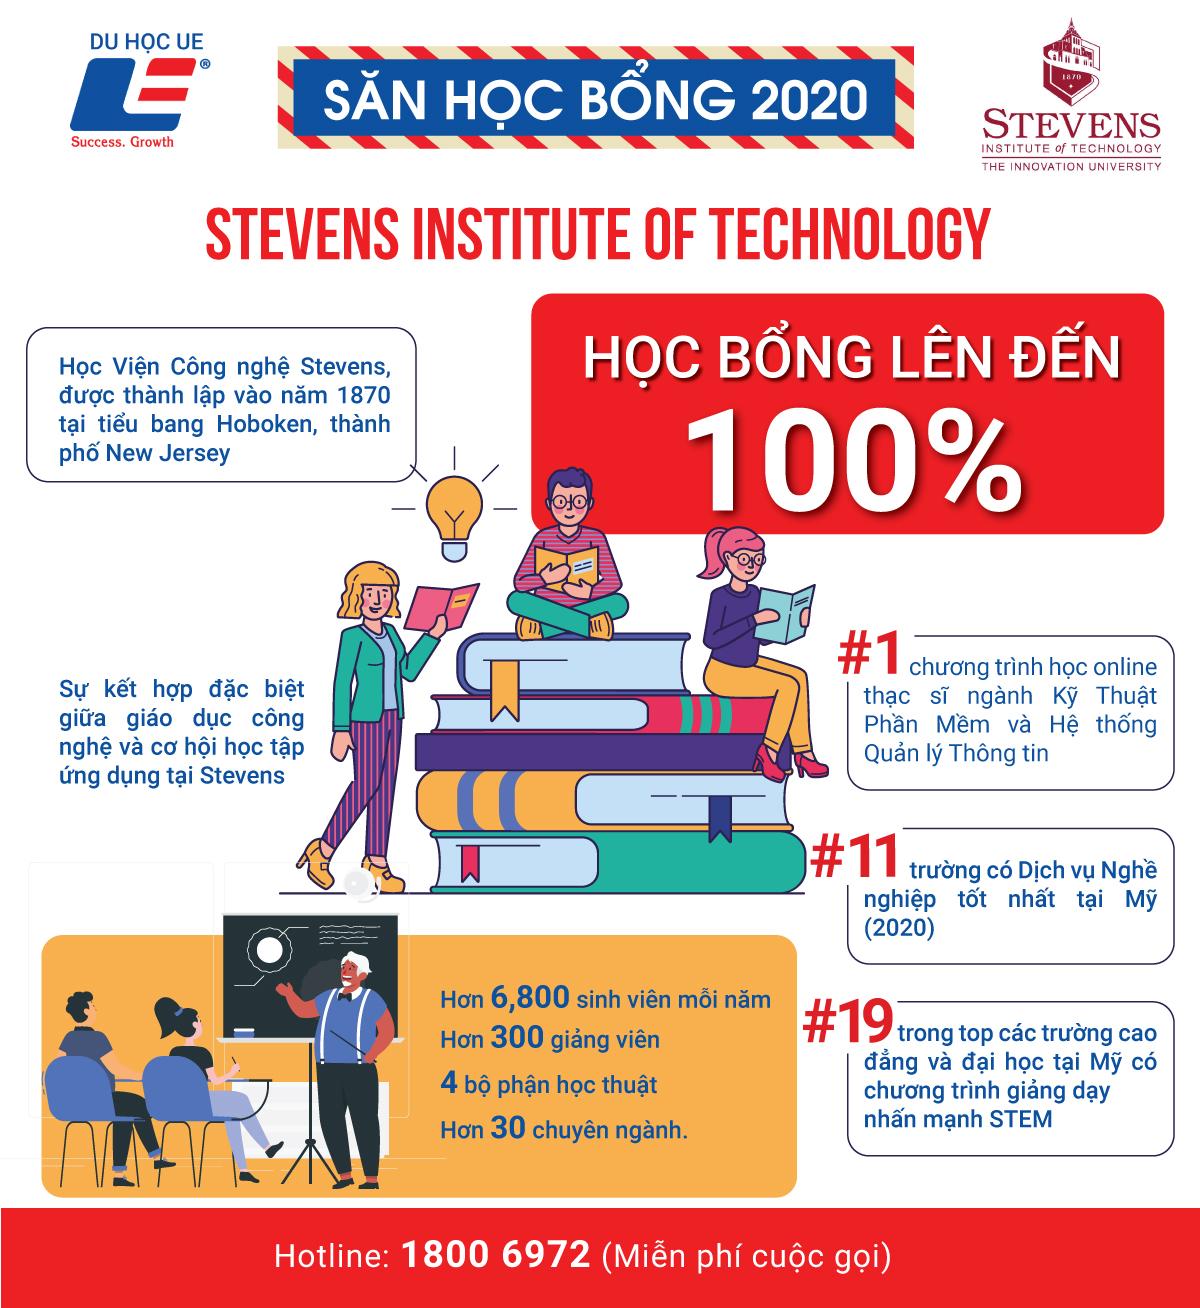 Thực hiện ước mơ du học với suất học bổng lên đến 100% học phí tại Stevens Institute Of Technology